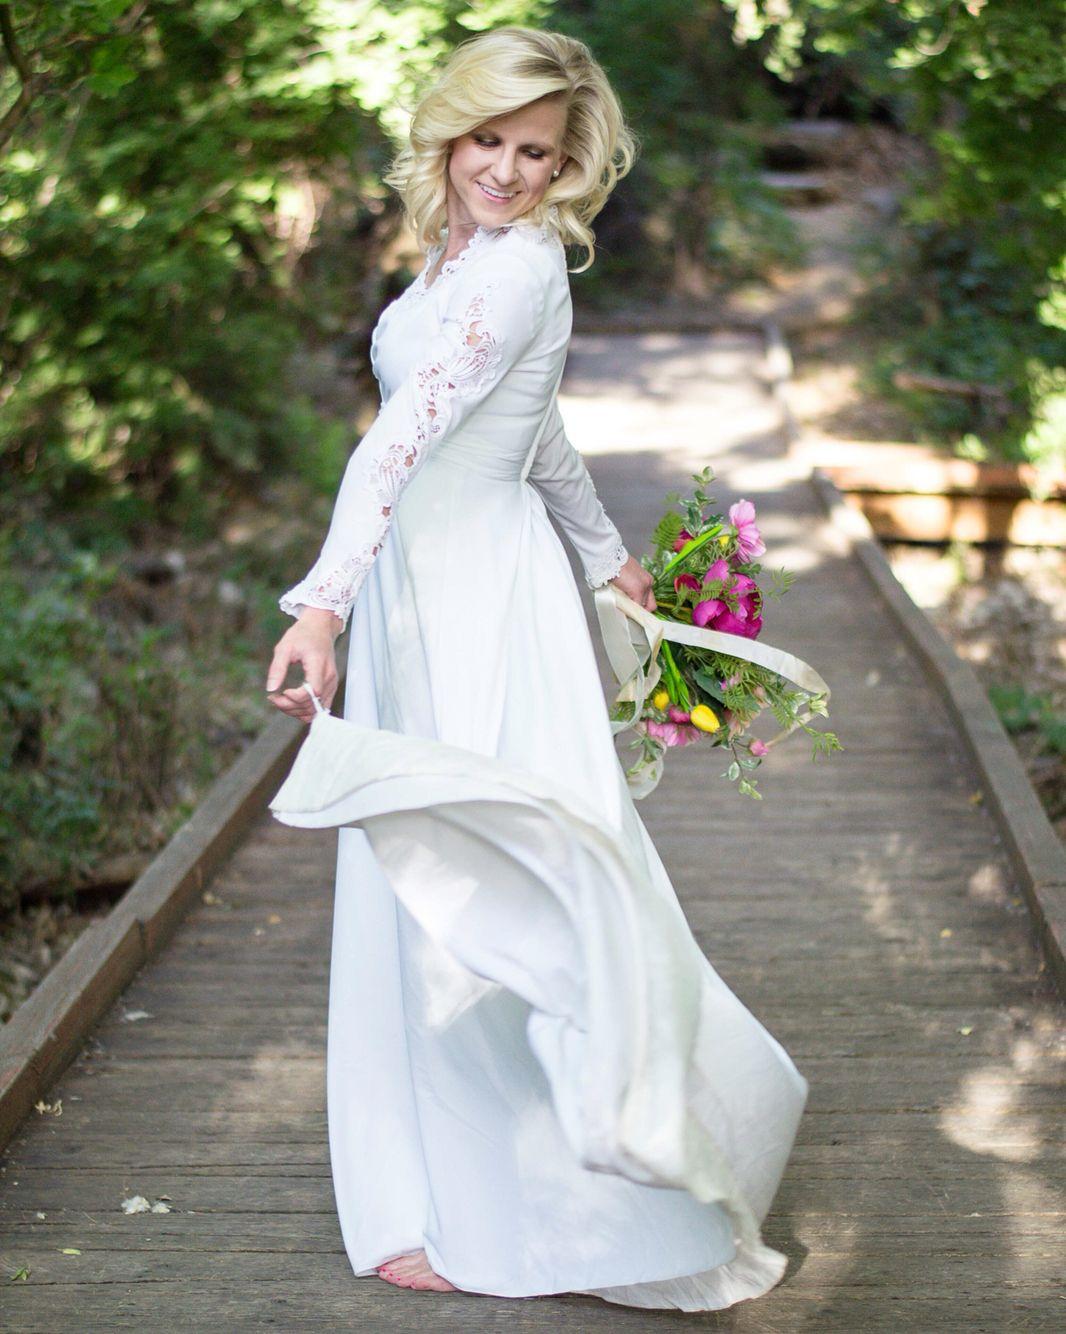 Großartig Dillards Brautkleid Zeitgenössisch - Brautkleider Ideen ...